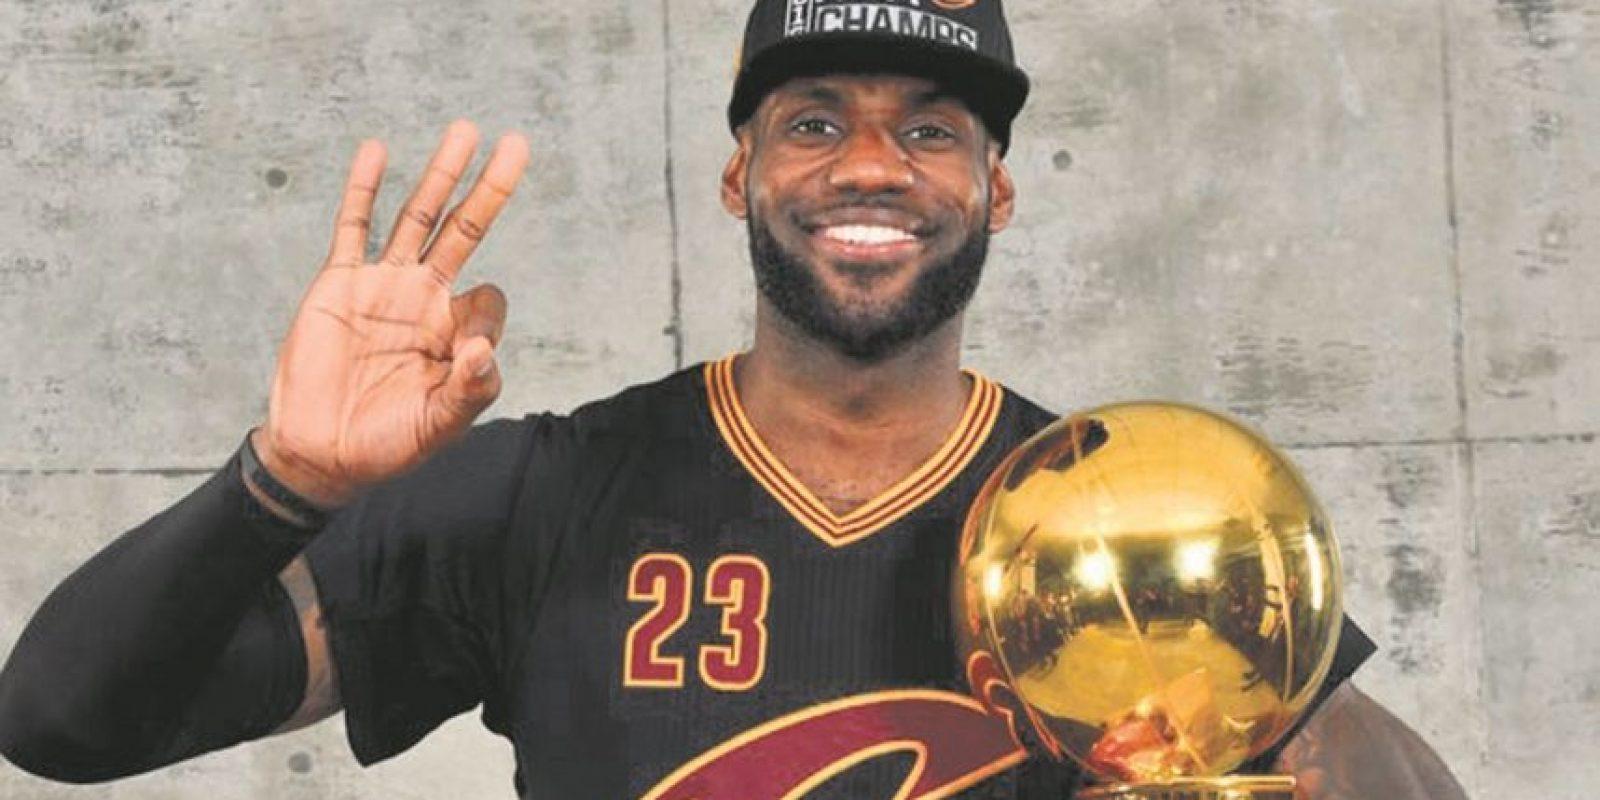 LeBron se lleva el título a Cleveland. Los Cavaliers de Cleveland, encabezados por su estrella LeBron James, derrotaron a los Warriors de Golden State en la final de la NBA, con lo cual conquistaron el campeonato de la liga por primera vez en la historia de esa franquicia y de paso se cobraron la derrota sufrida en esa misma etapa en la temporada anterior. Foto:Fuente externa